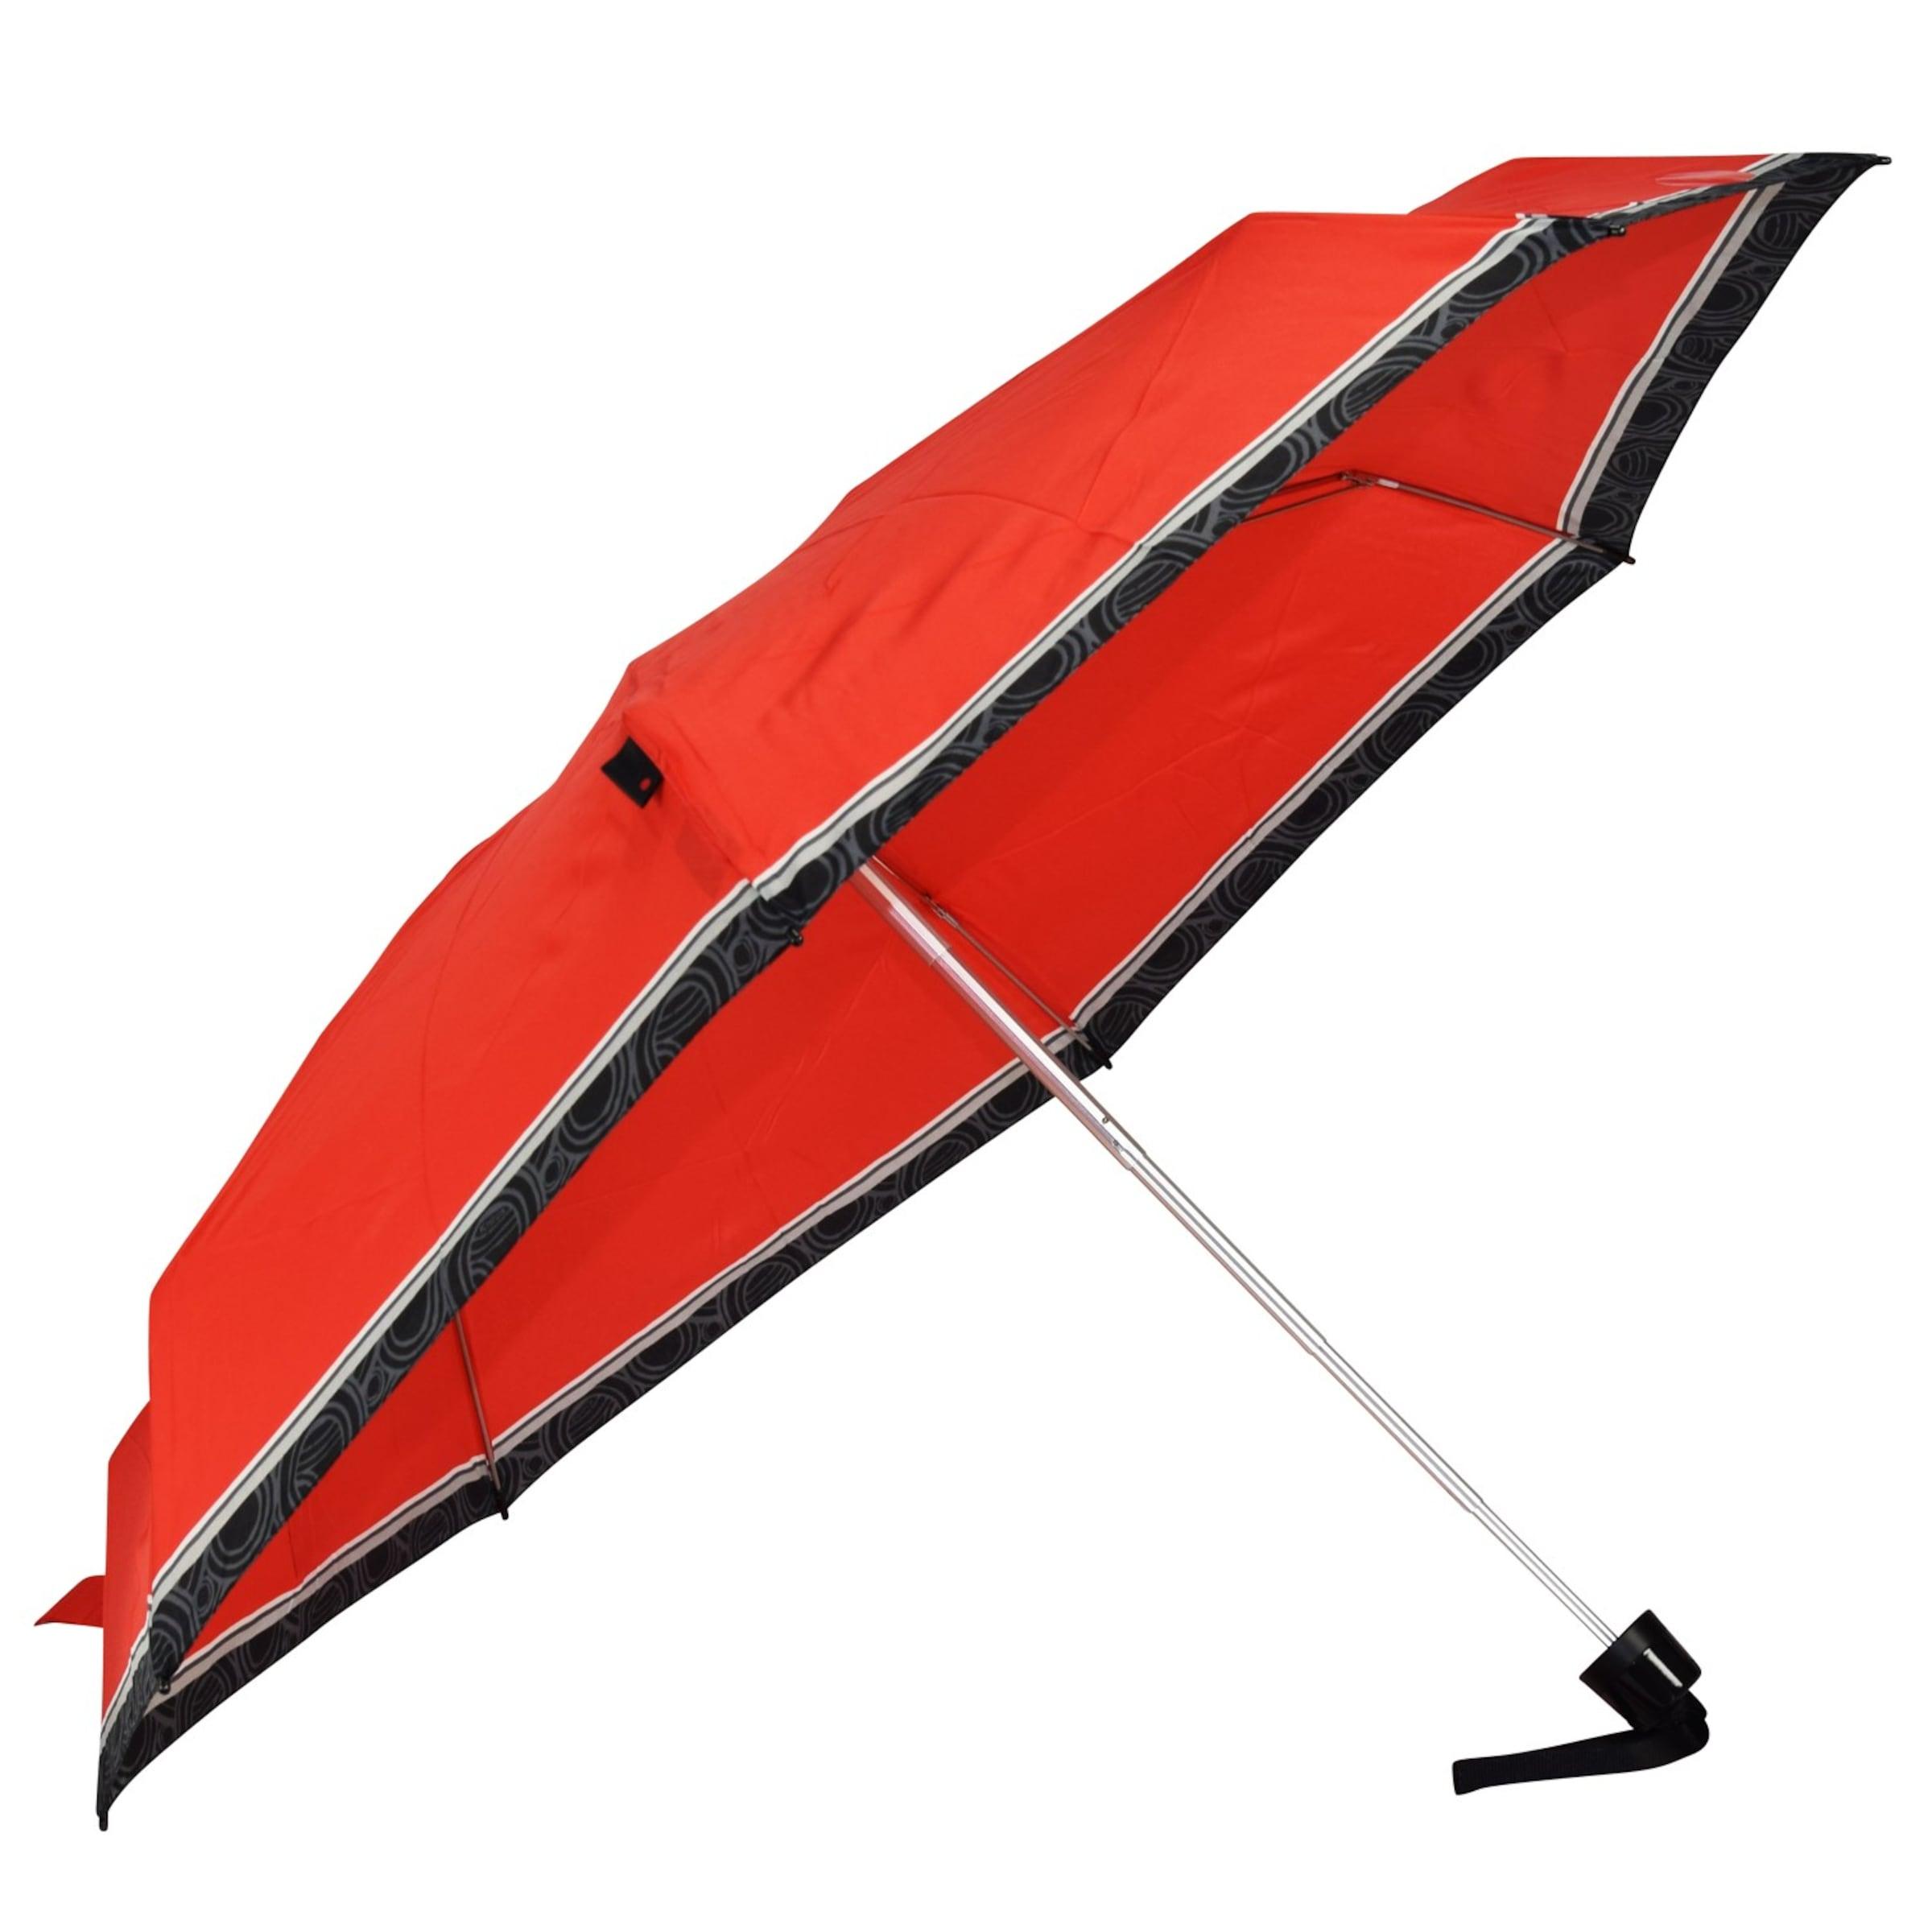 Knirps Foncé Bleu Knirps Parapluie Parapluie En Parapluie Knirps En Foncé Bleu nw8XOk0P